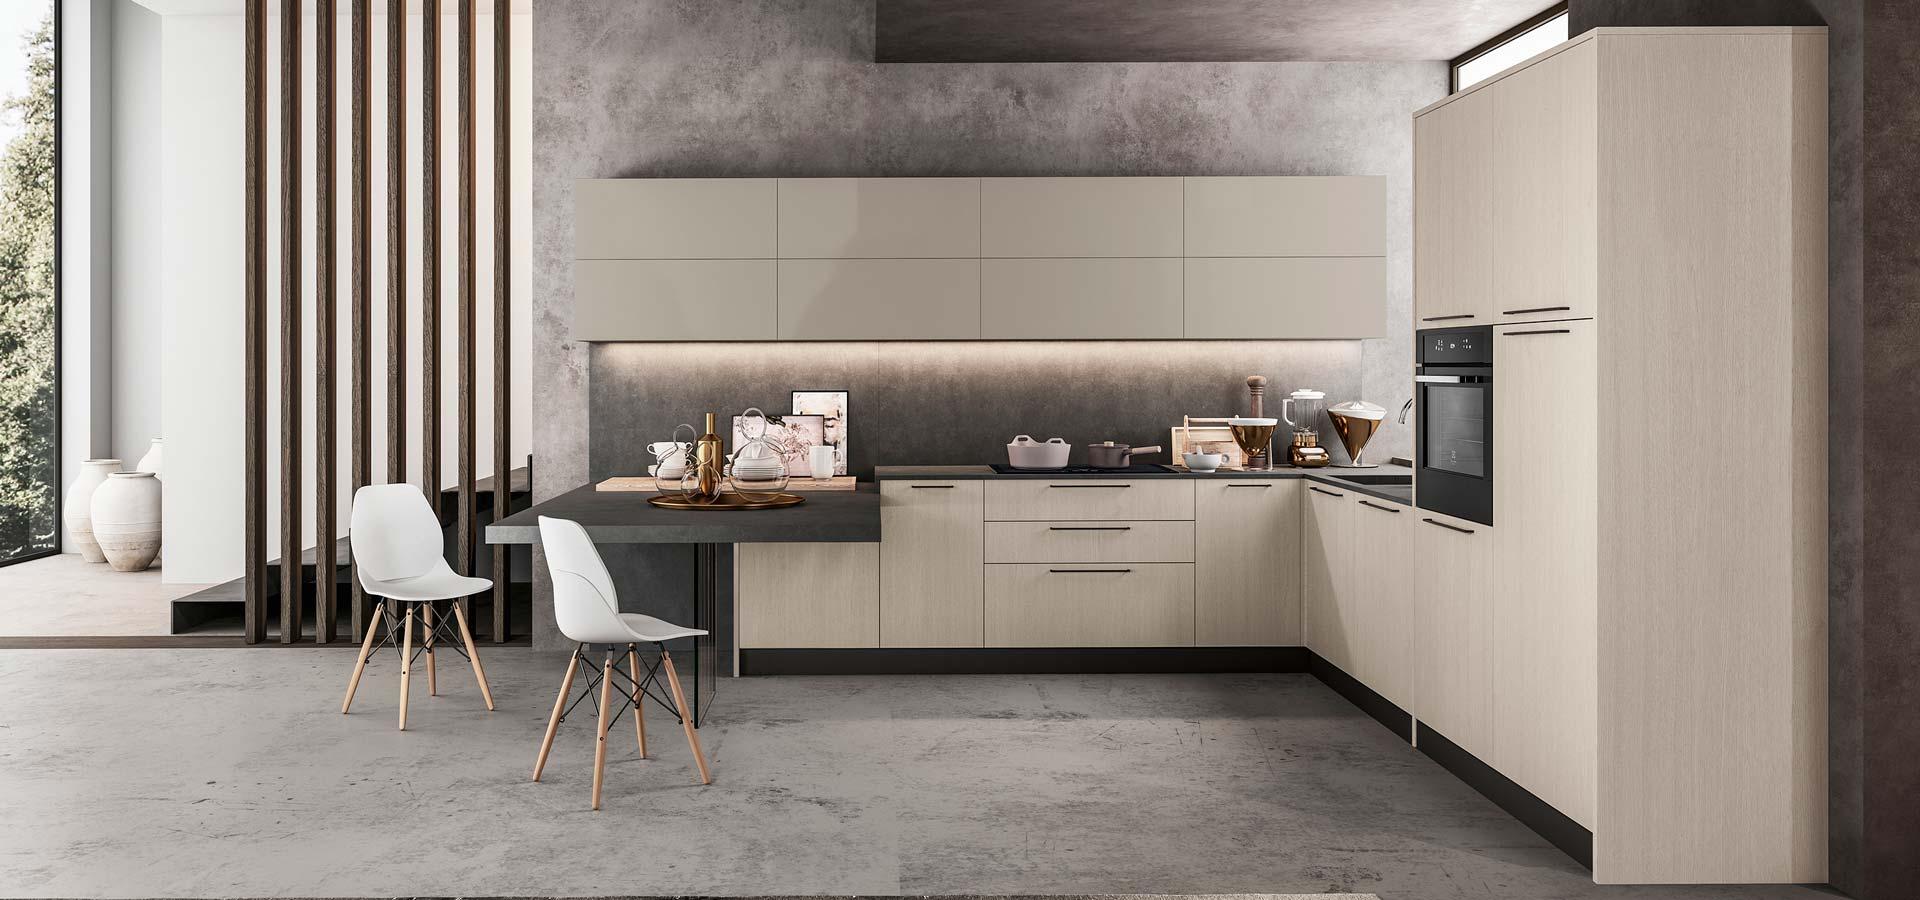 Cucine belle ed economiche cloe e luna il cheap di - Cucine belle moderne ...